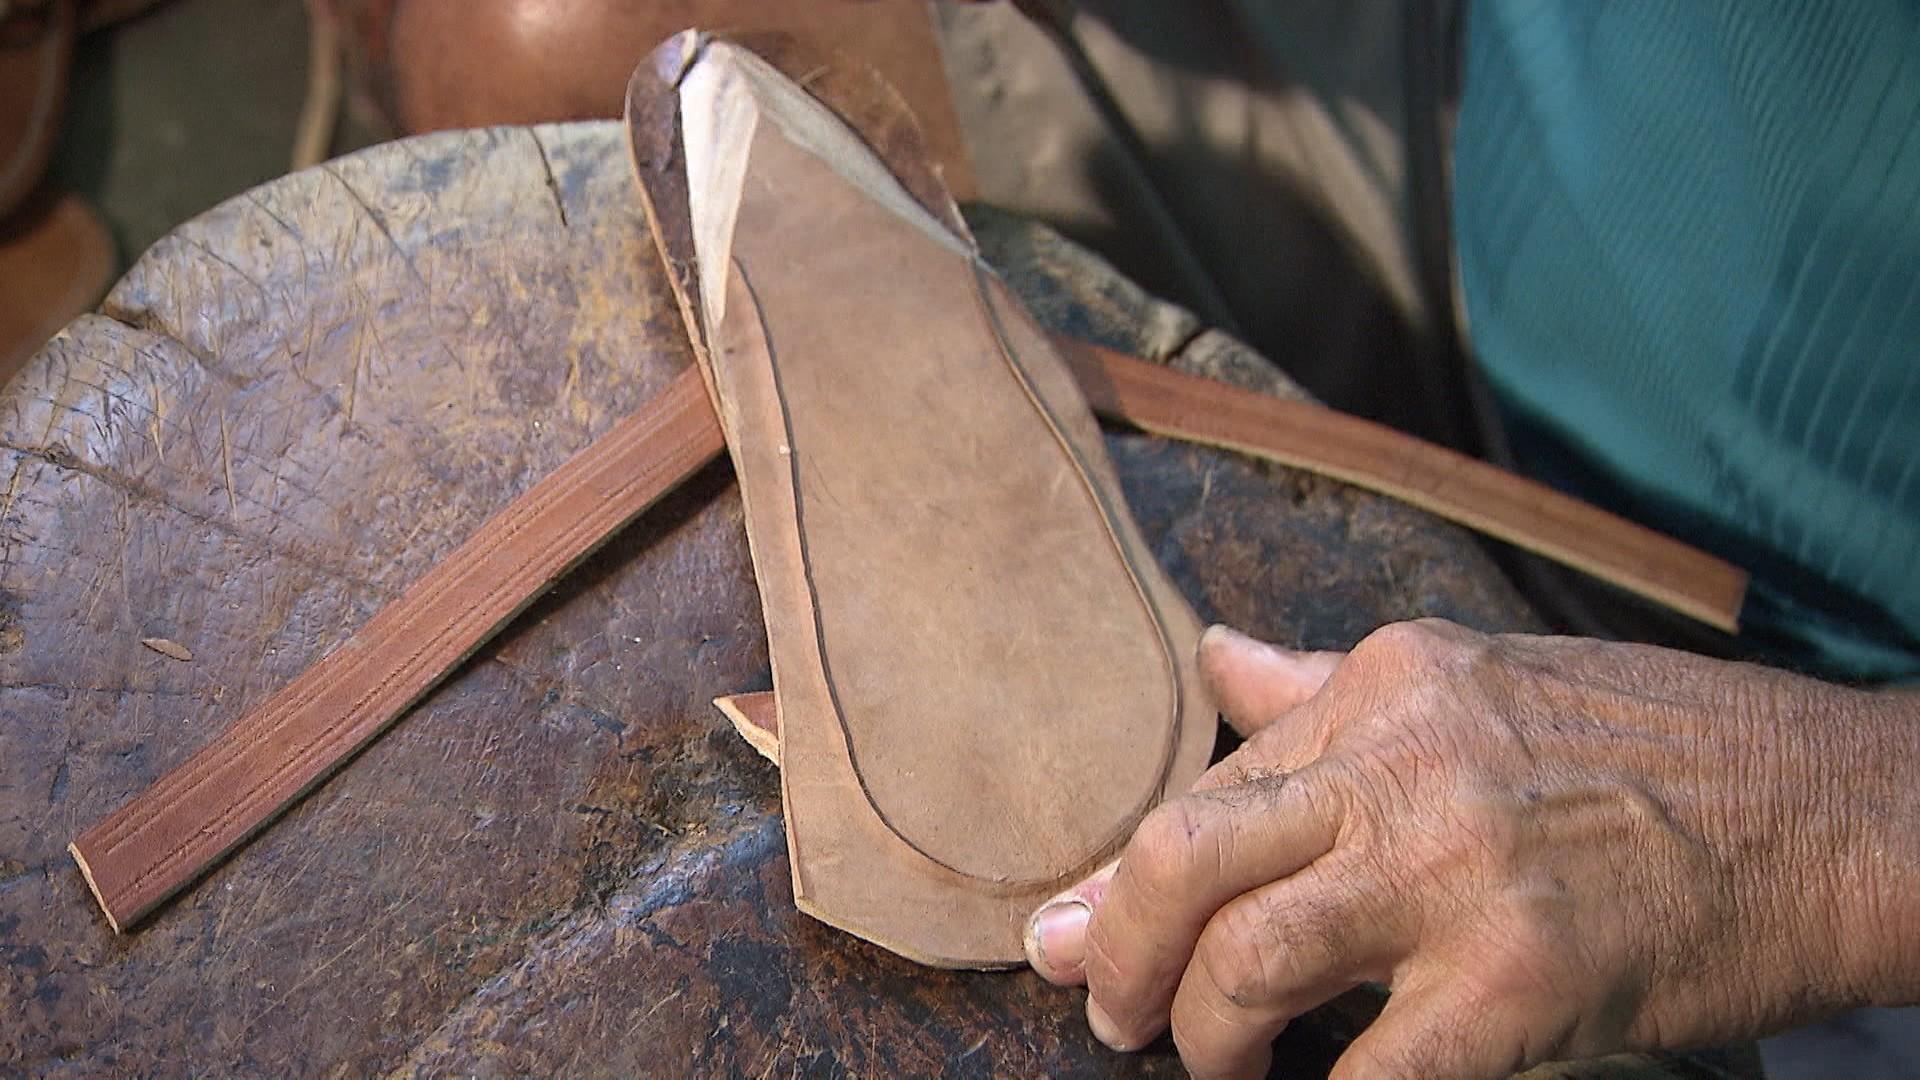 O couro é a matéria-prima que movimenta a economia do município de Ipirá, sertão baiano (Foto: Divulgação)